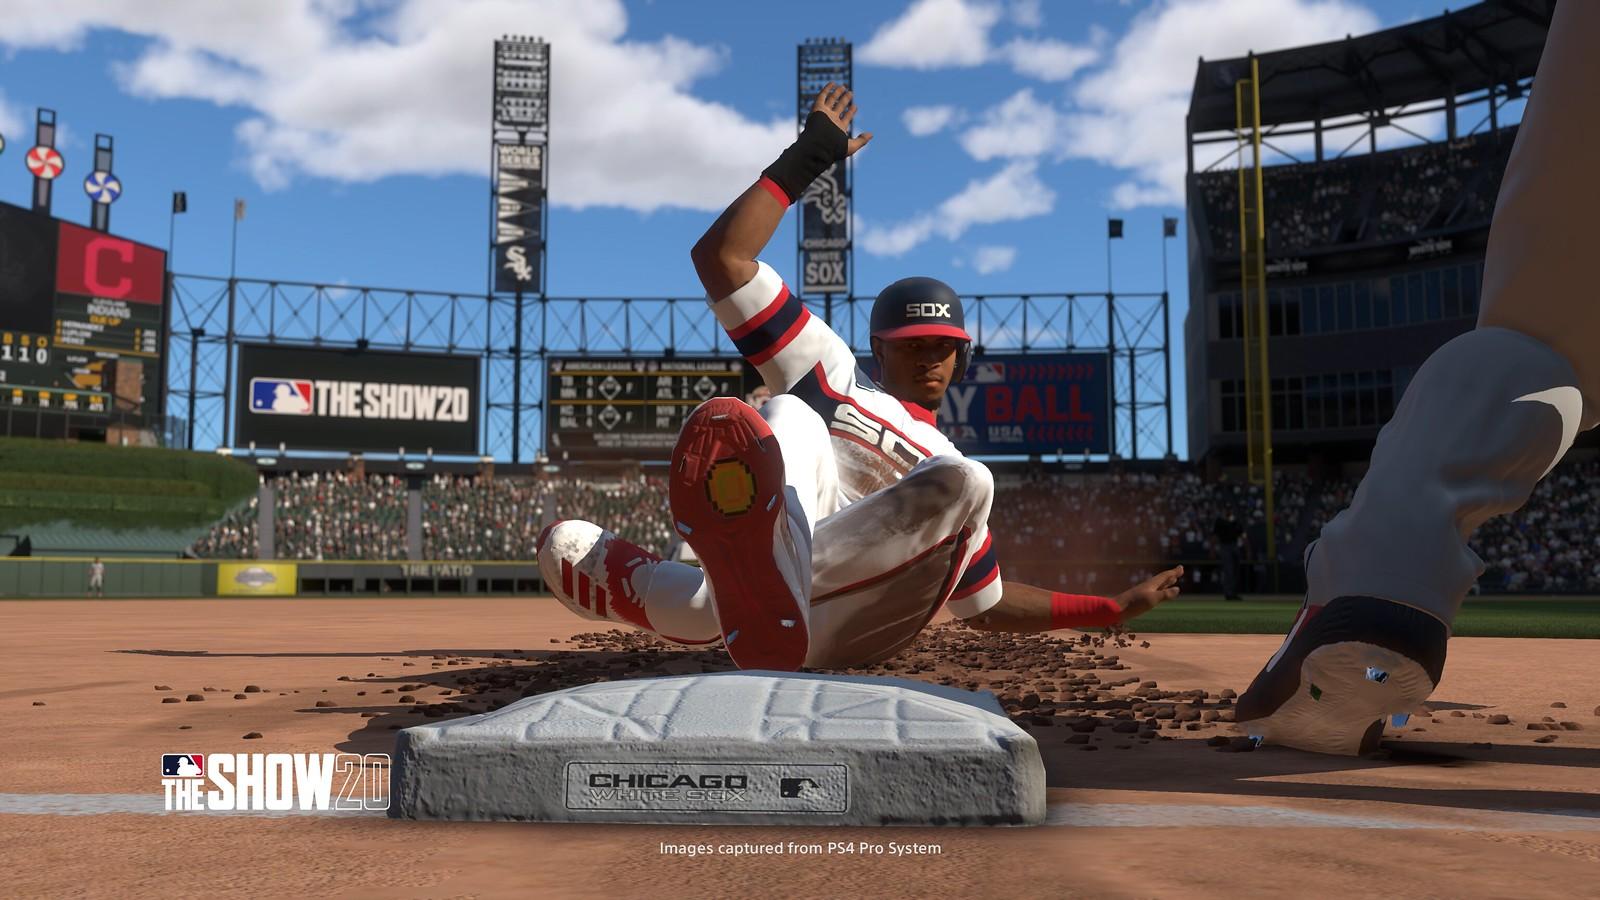 49667117267 e640273f62 h - MLB The Show 20 erscheint heute für PS4 – jetzt 10 Features und Tipps lesen